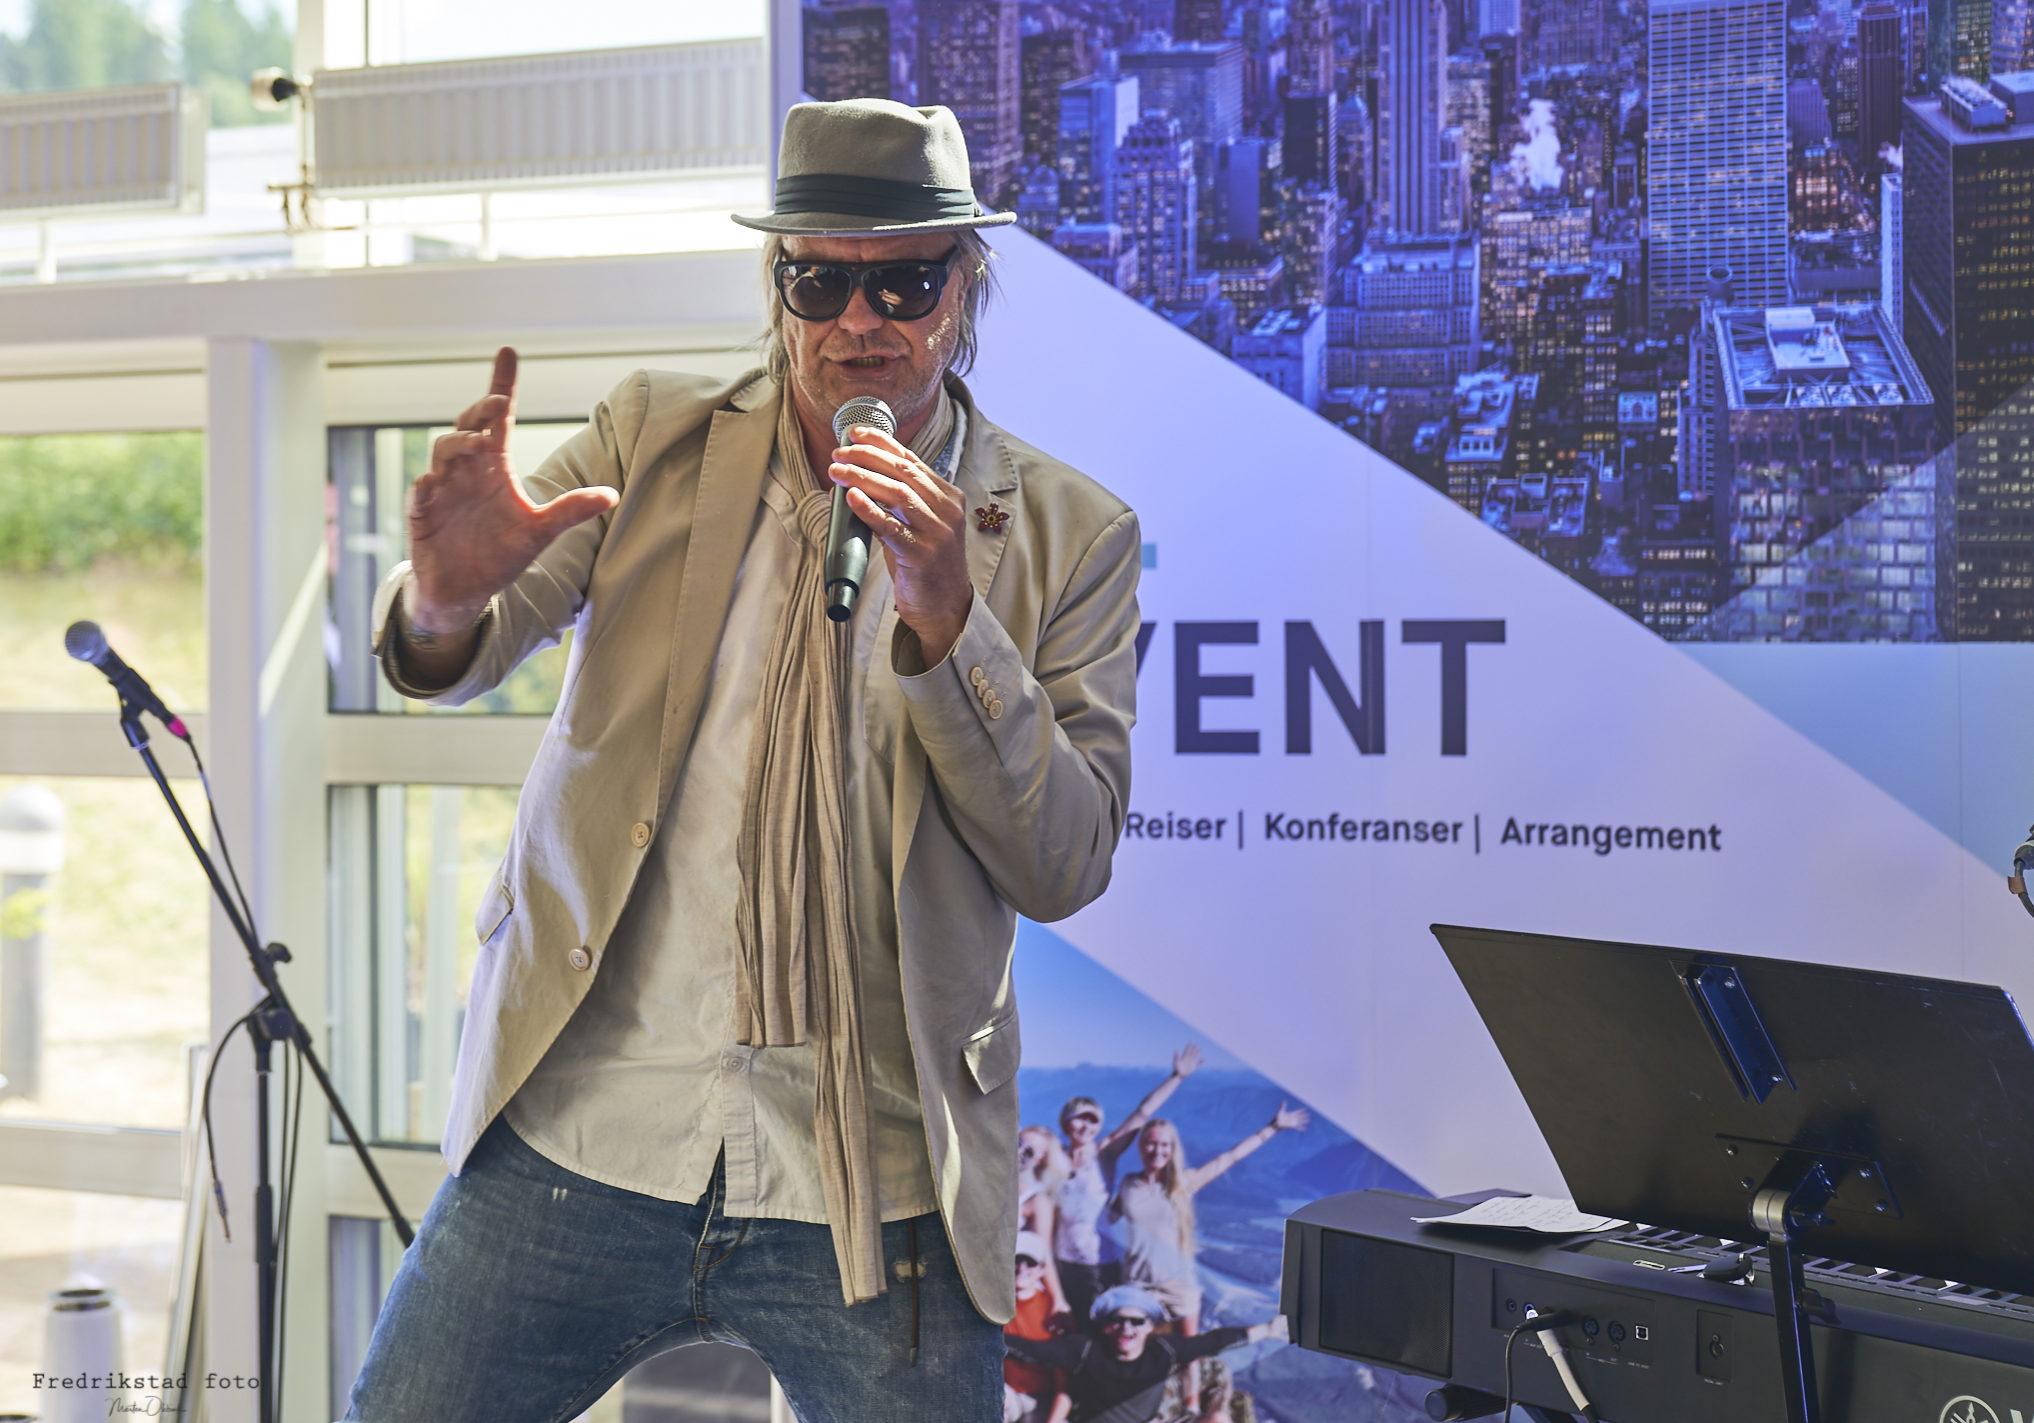 Konferansier Alex Ròsen